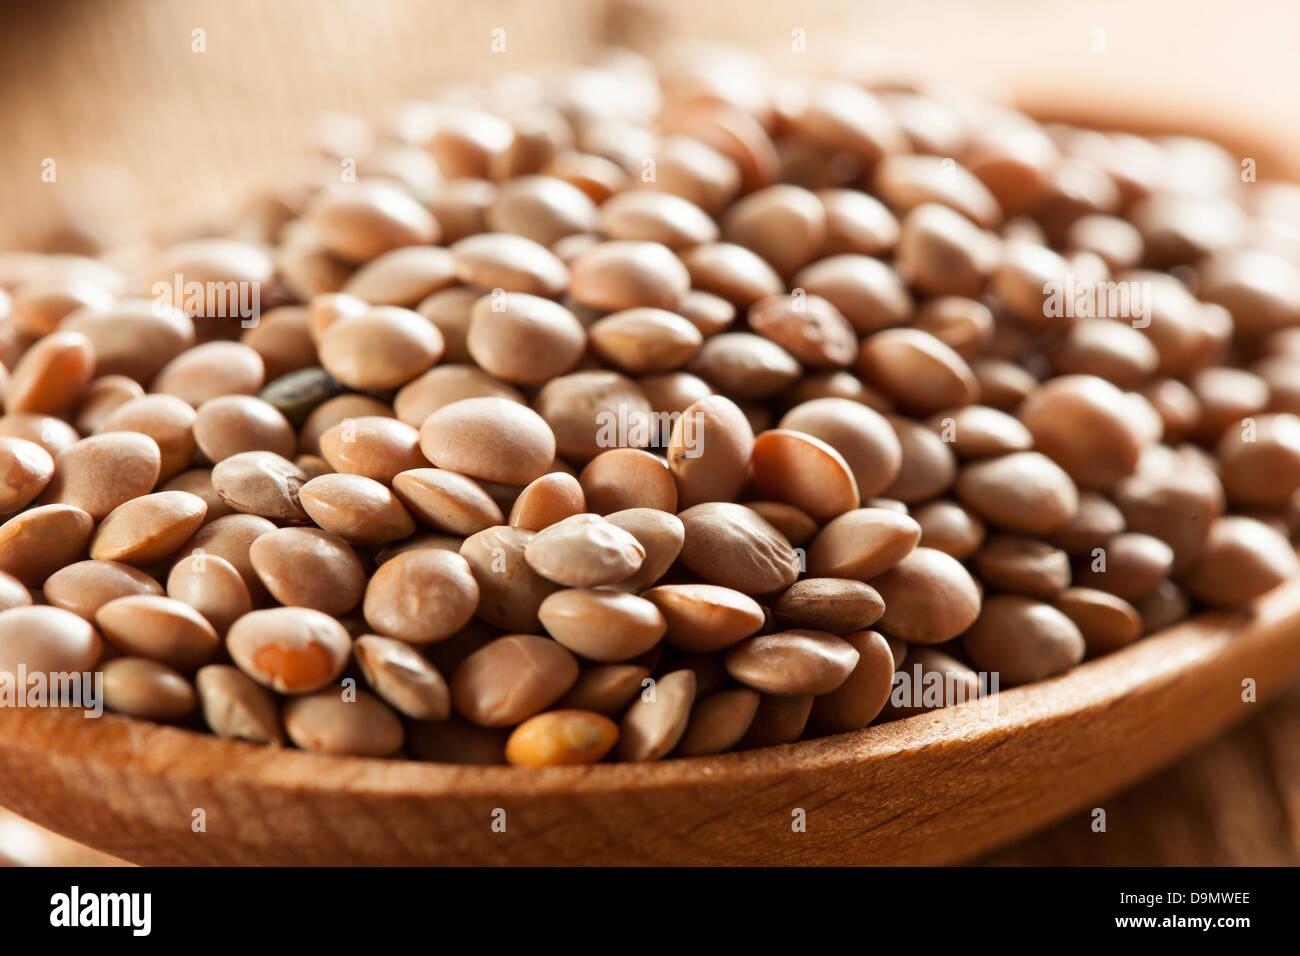 Organico secco lenticchie marrone contro uno sfondo Immagini Stock